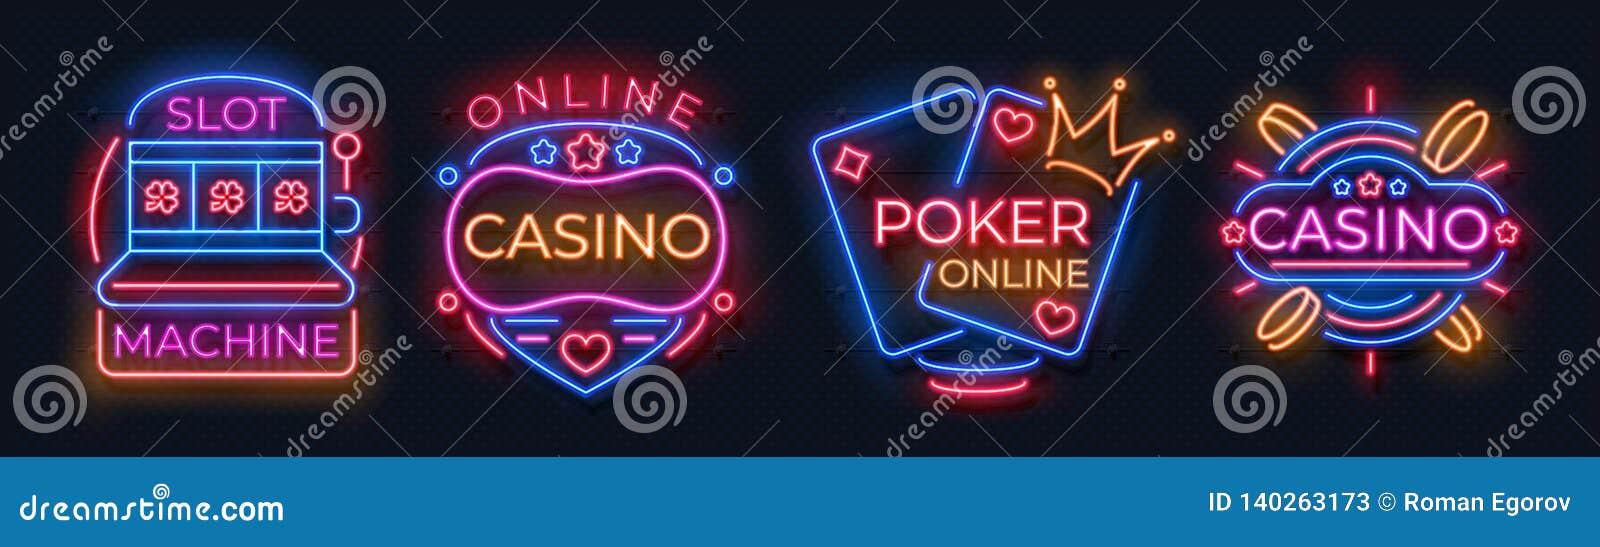 赌博娱乐场霓虹灯广告 老虎机困境横幅,啤牌酒吧夜广告牌,赌博的轮盘赌 传染媒介赌博娱乐场氖